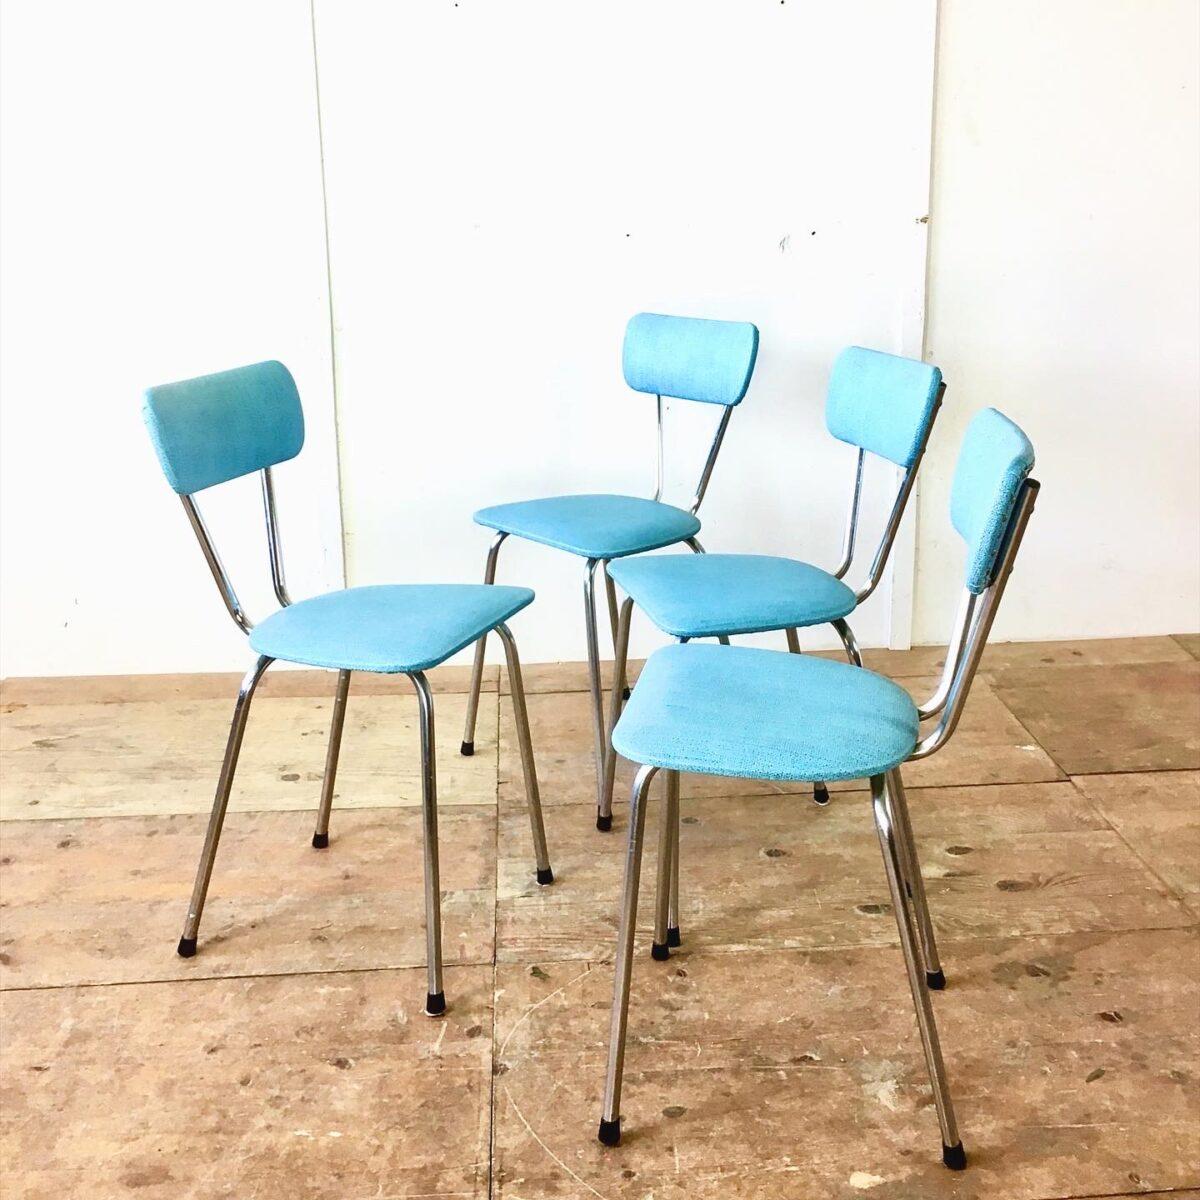 Vintage Küchenstühle 60er Jahre Stühle designklassiker vintagefurniture vintagemöbel farbige Stühle retromöbel alte Möbel in neuem glanz